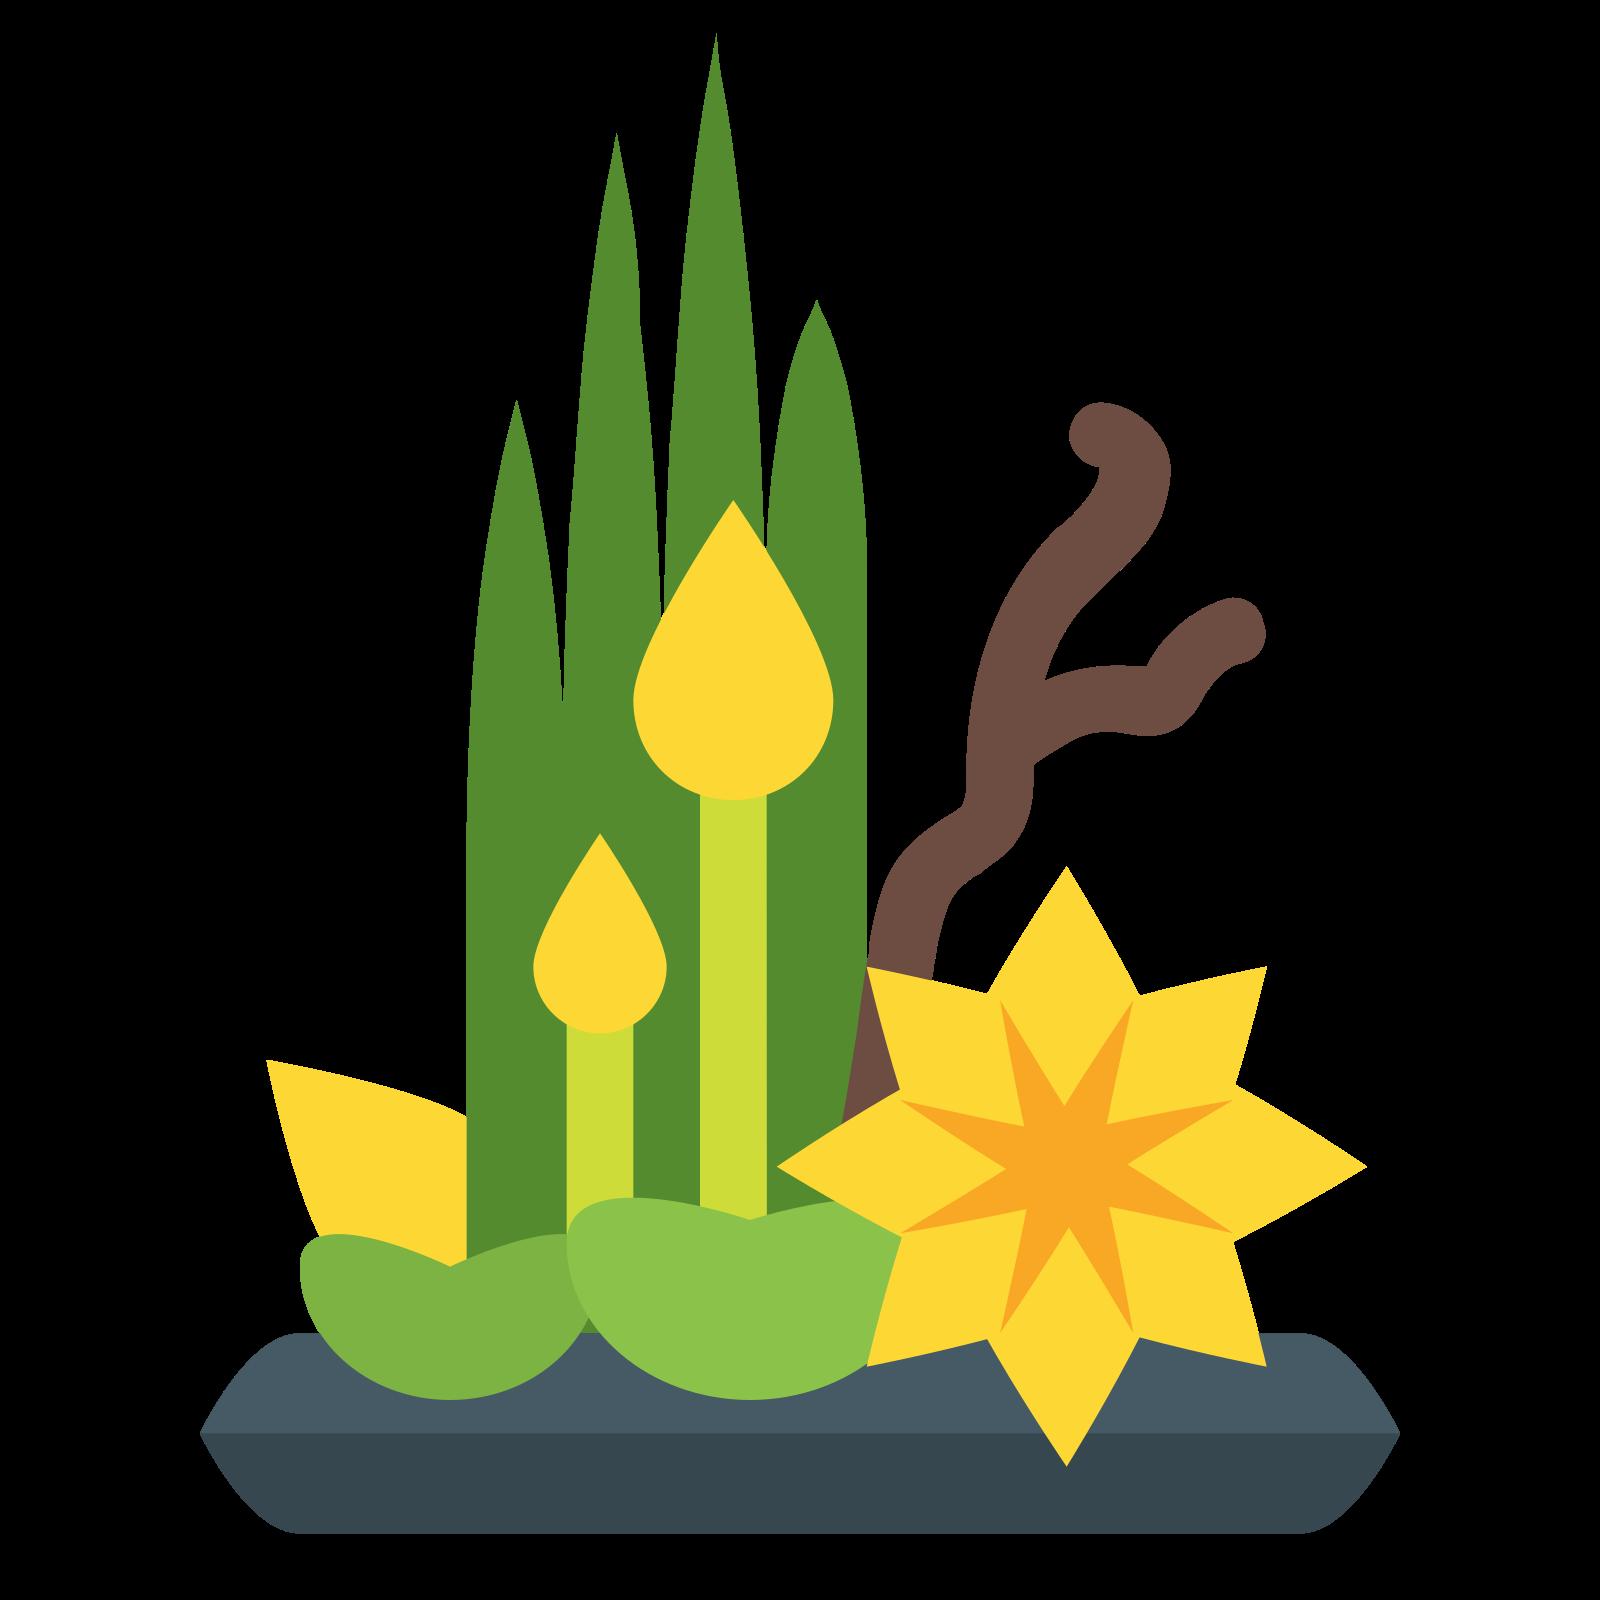 生け花 icon